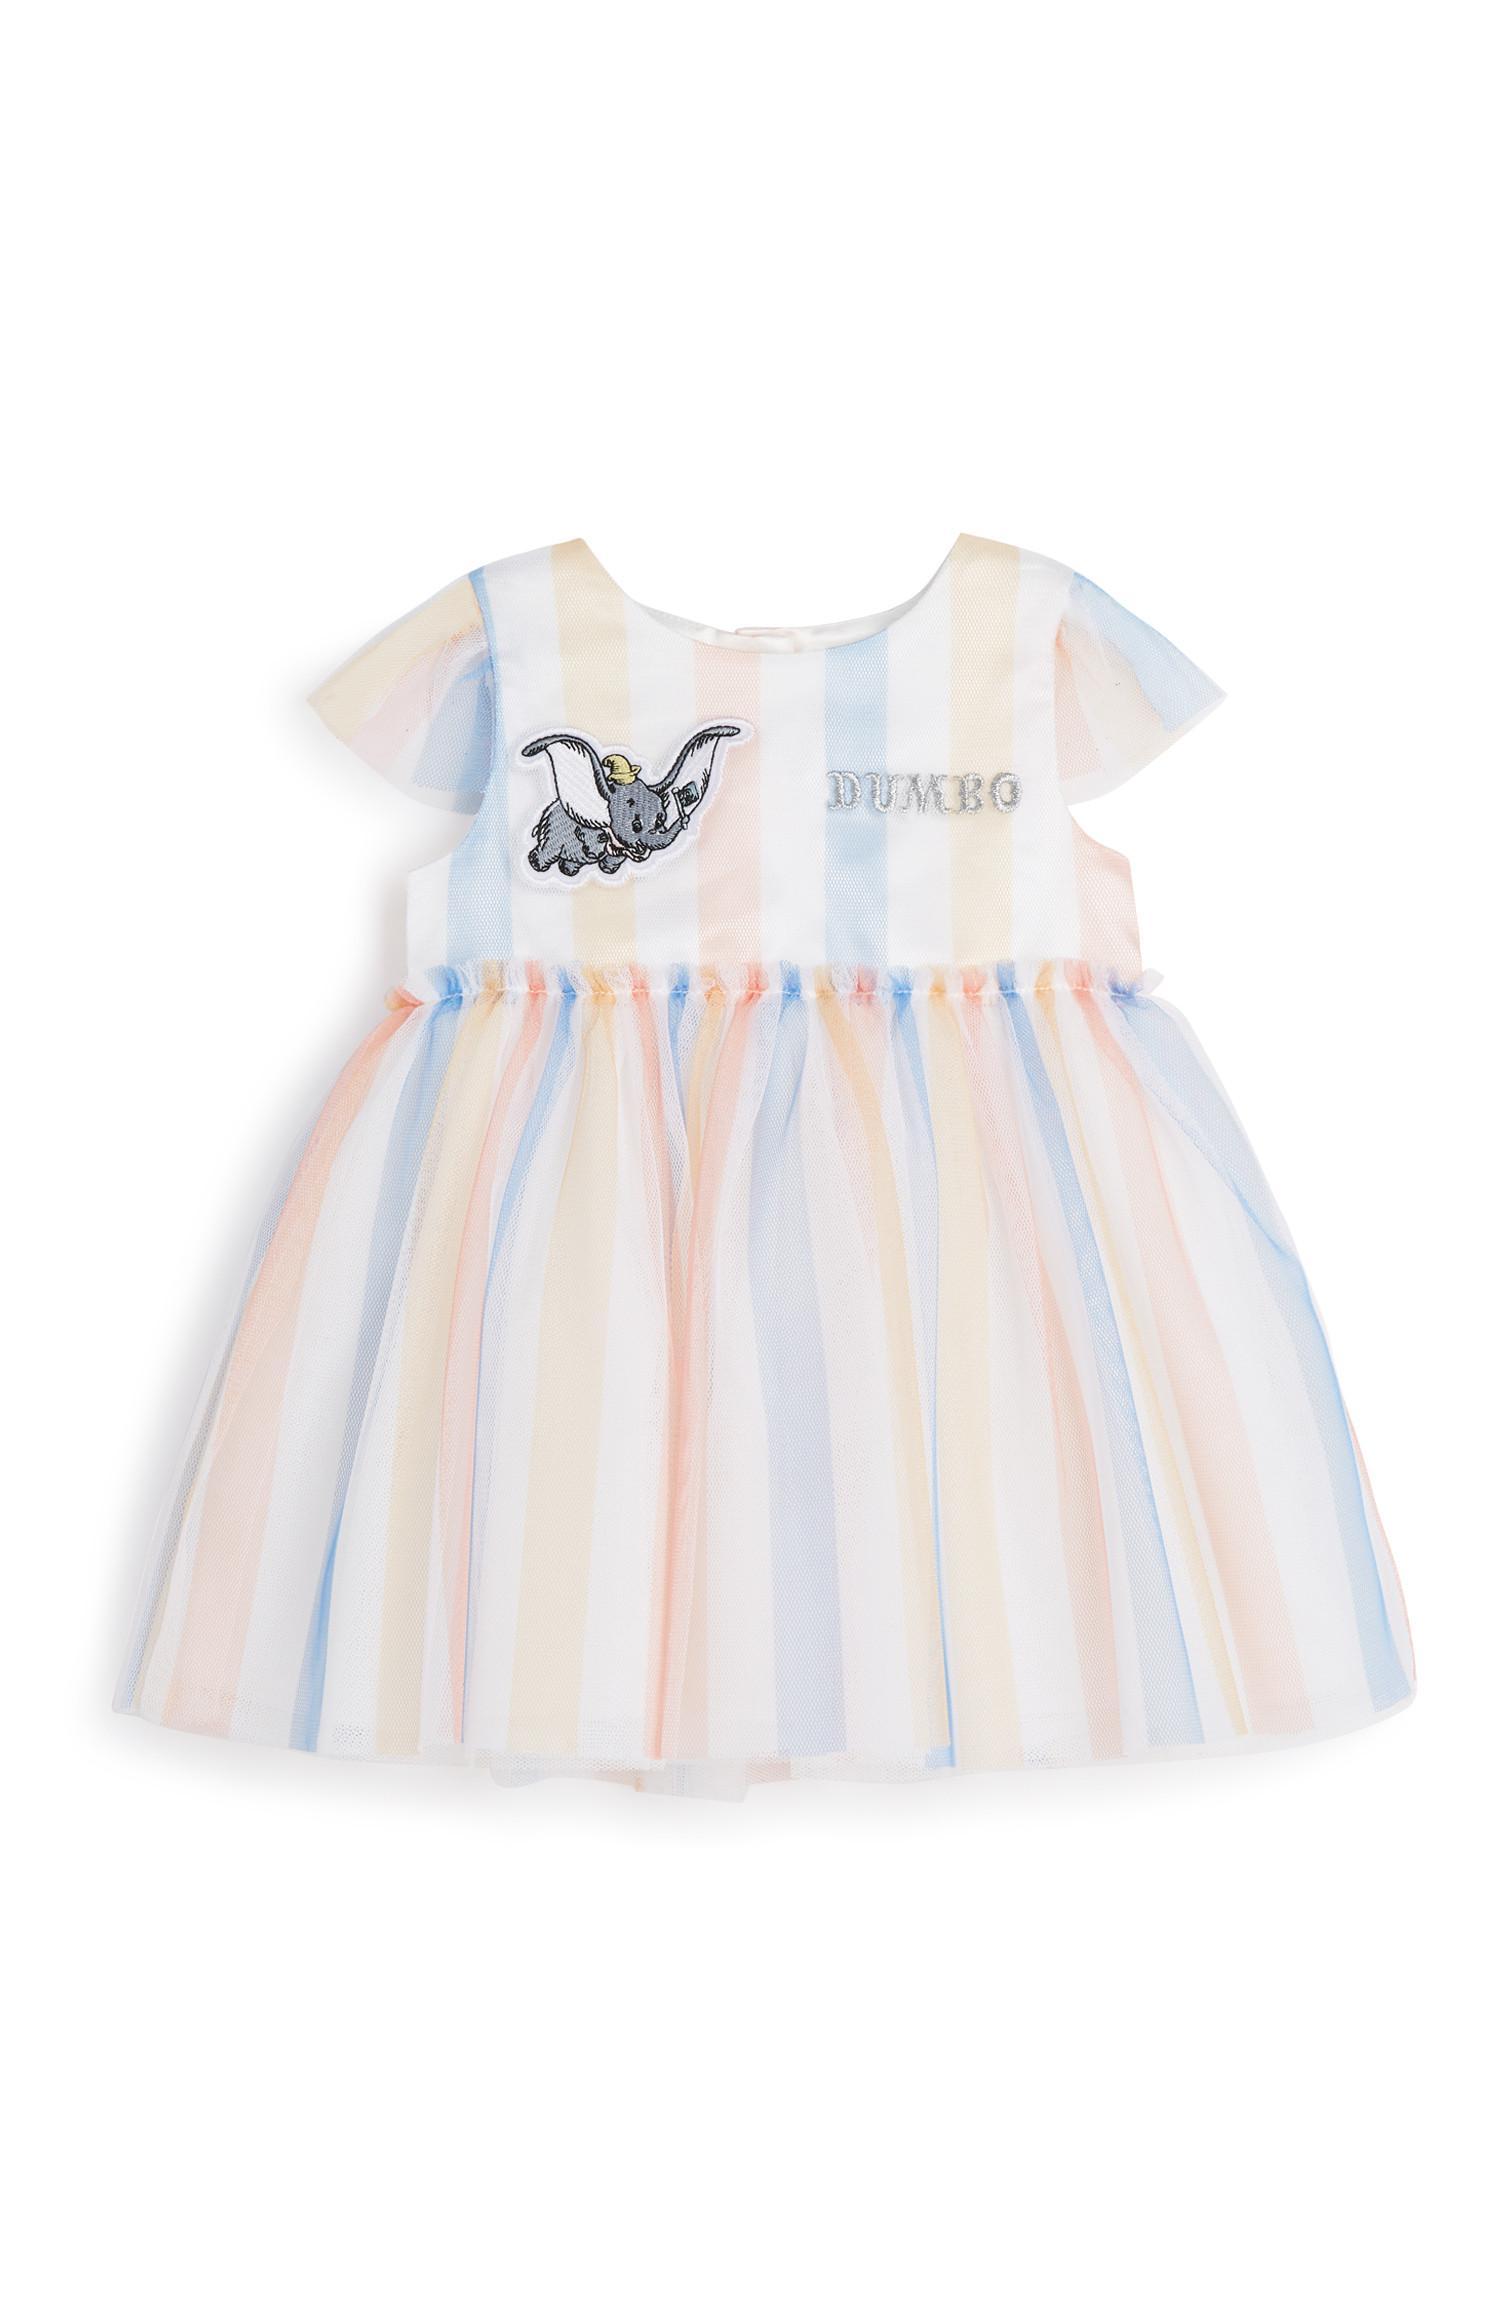 Newborn Dumbo Dress